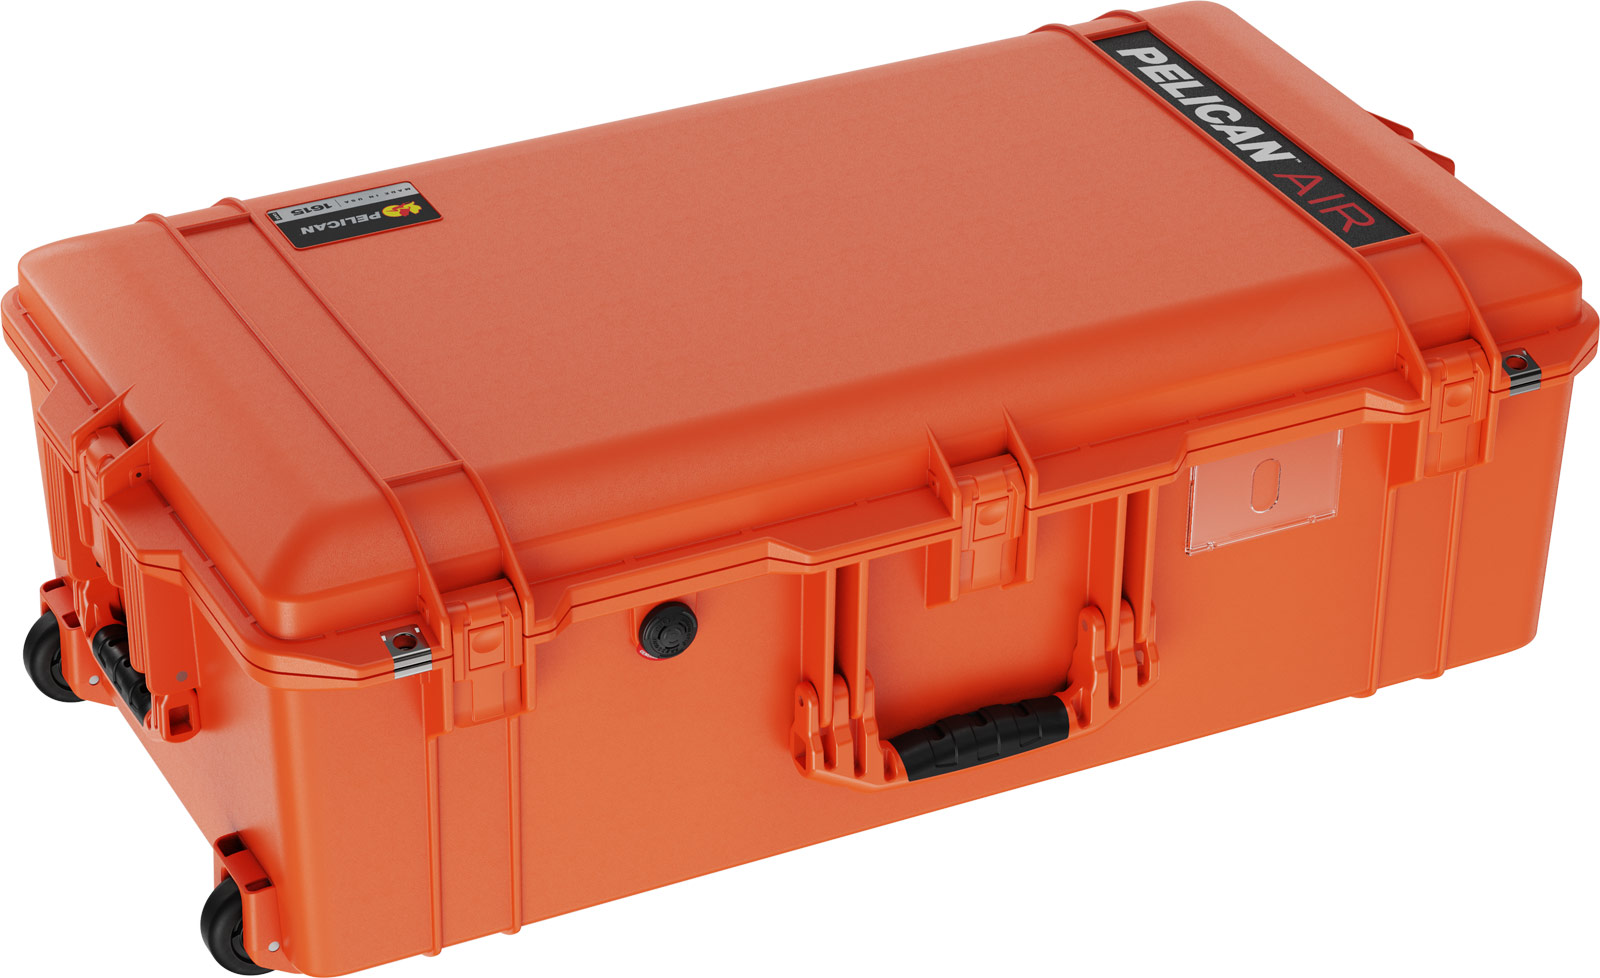 pelican 1615 air case orange travel cases